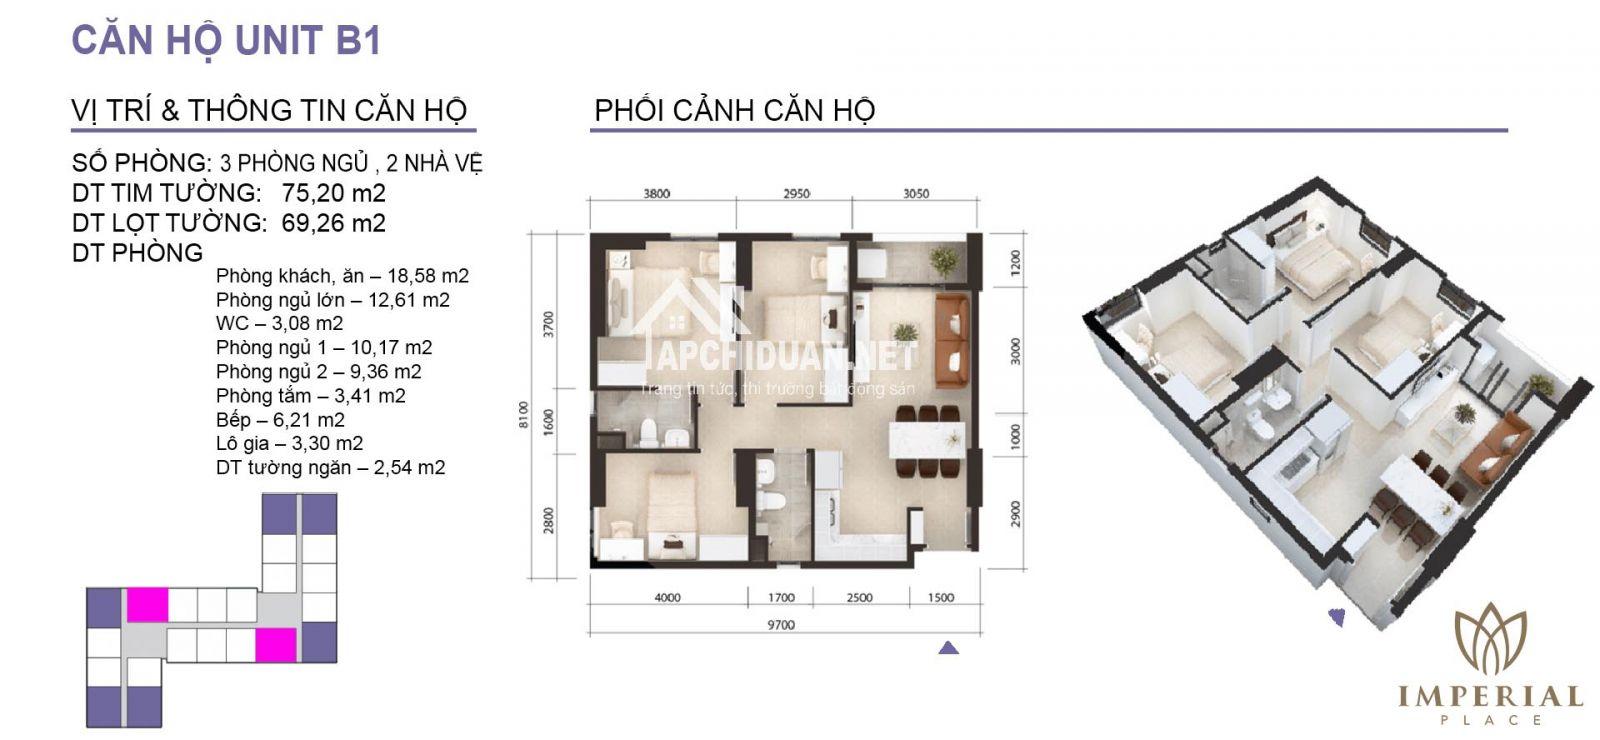 thiết kế căn hộ imperial place bình tân căn 2 phòng ngủ